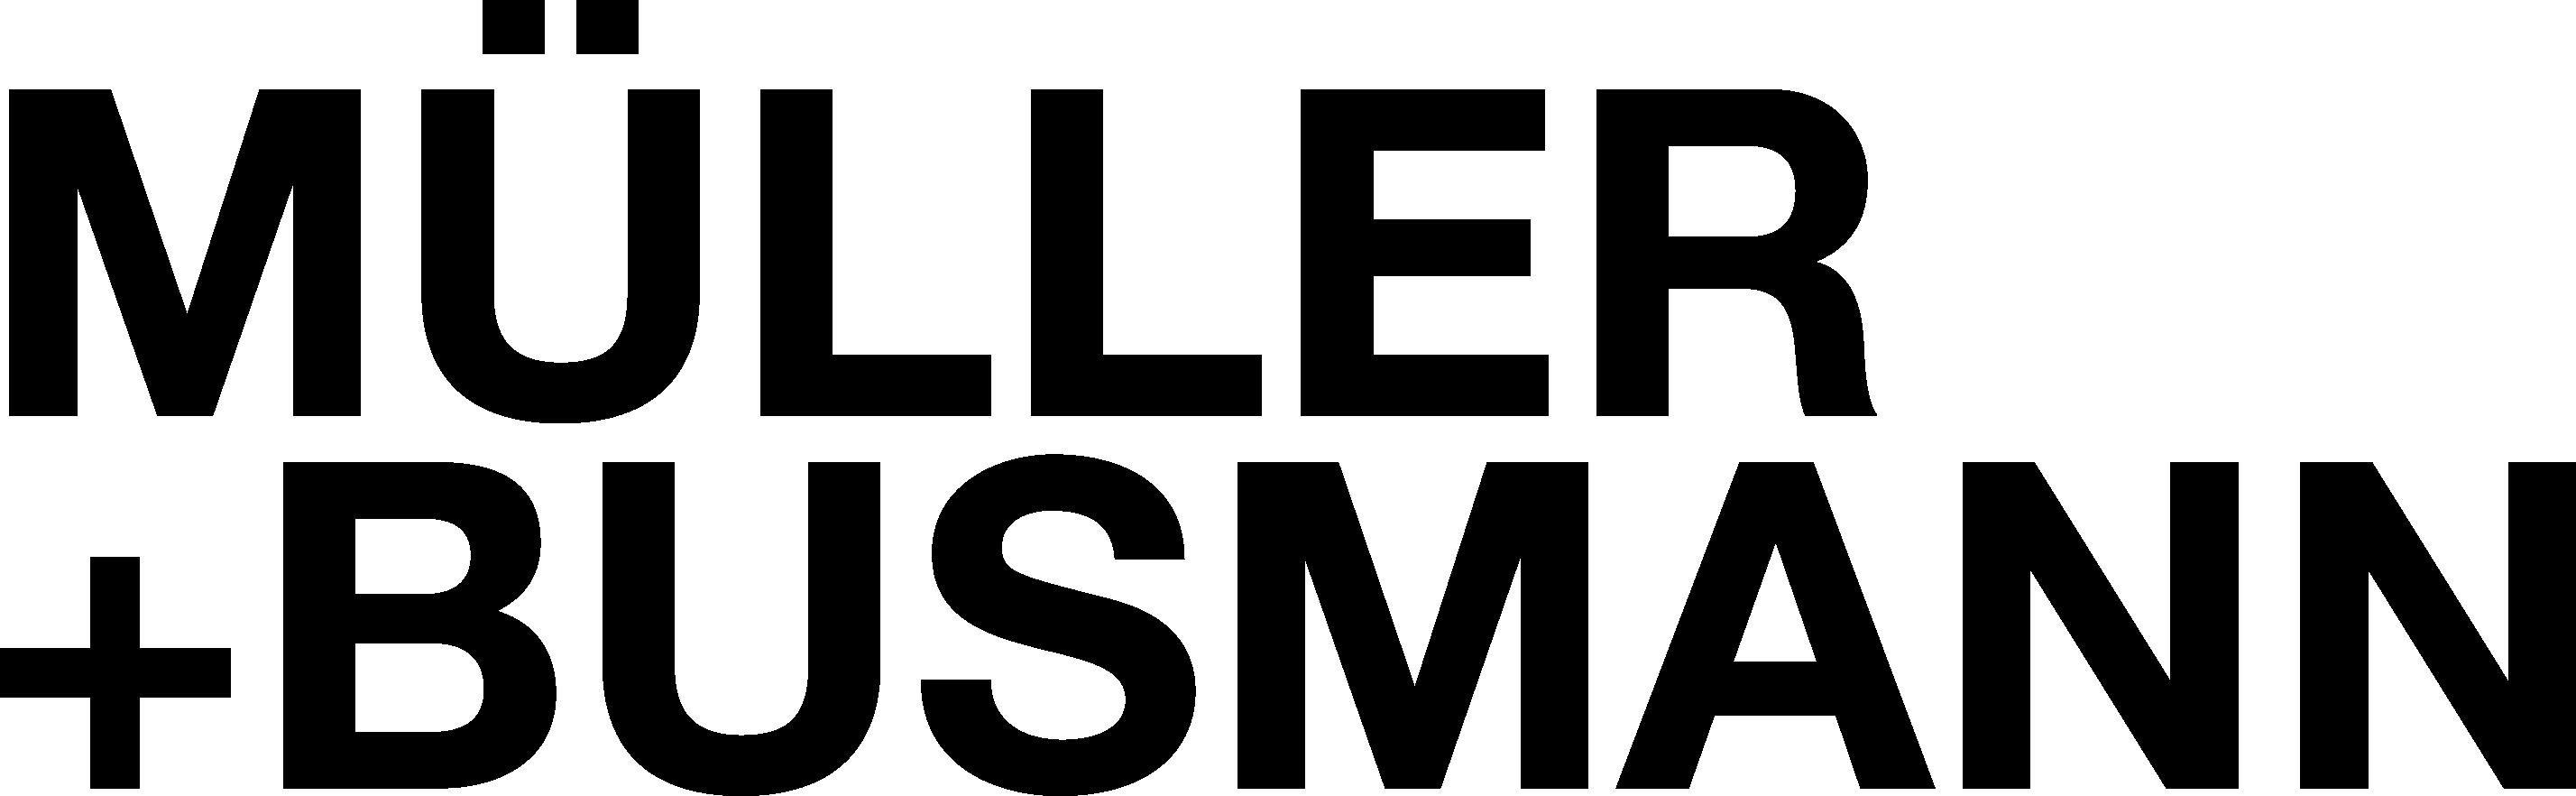 Müller + Busmann